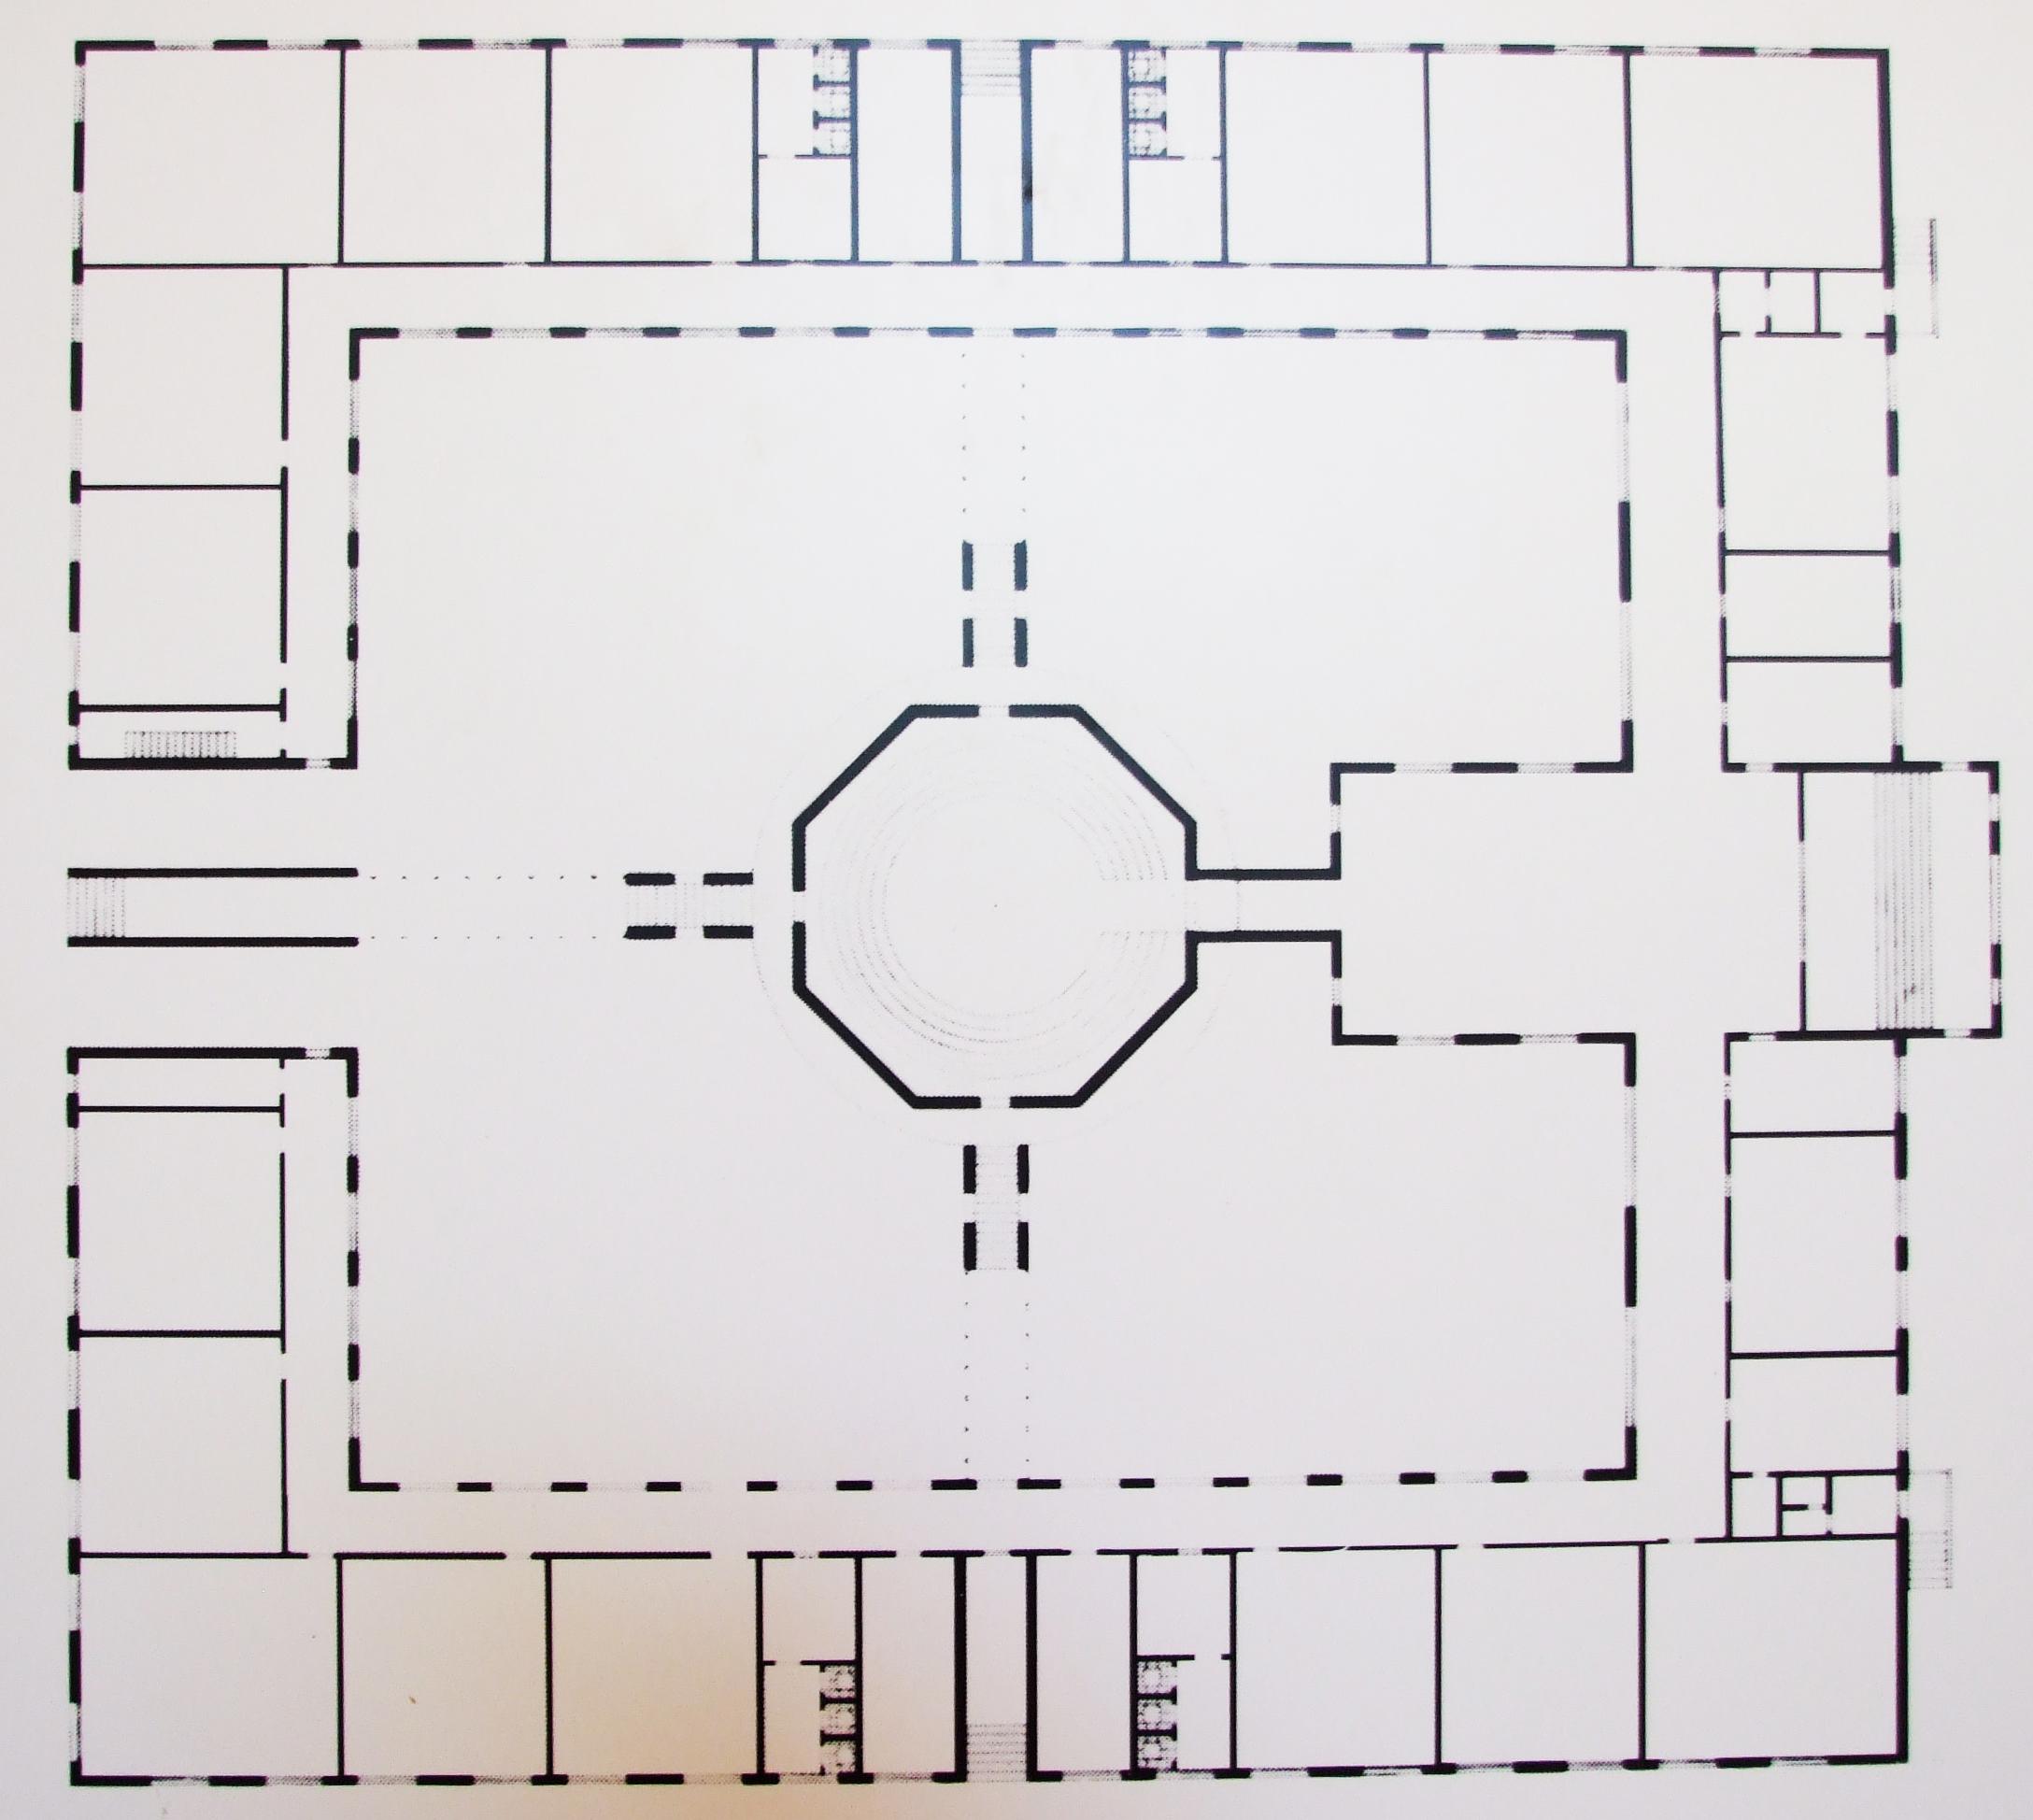 _broni, középiskola, 1983 aldo rossi klasszikus szimmetrikus egységes osztályokkal az udvar nyolcszögű közepe a kolostorépítészetet idézi